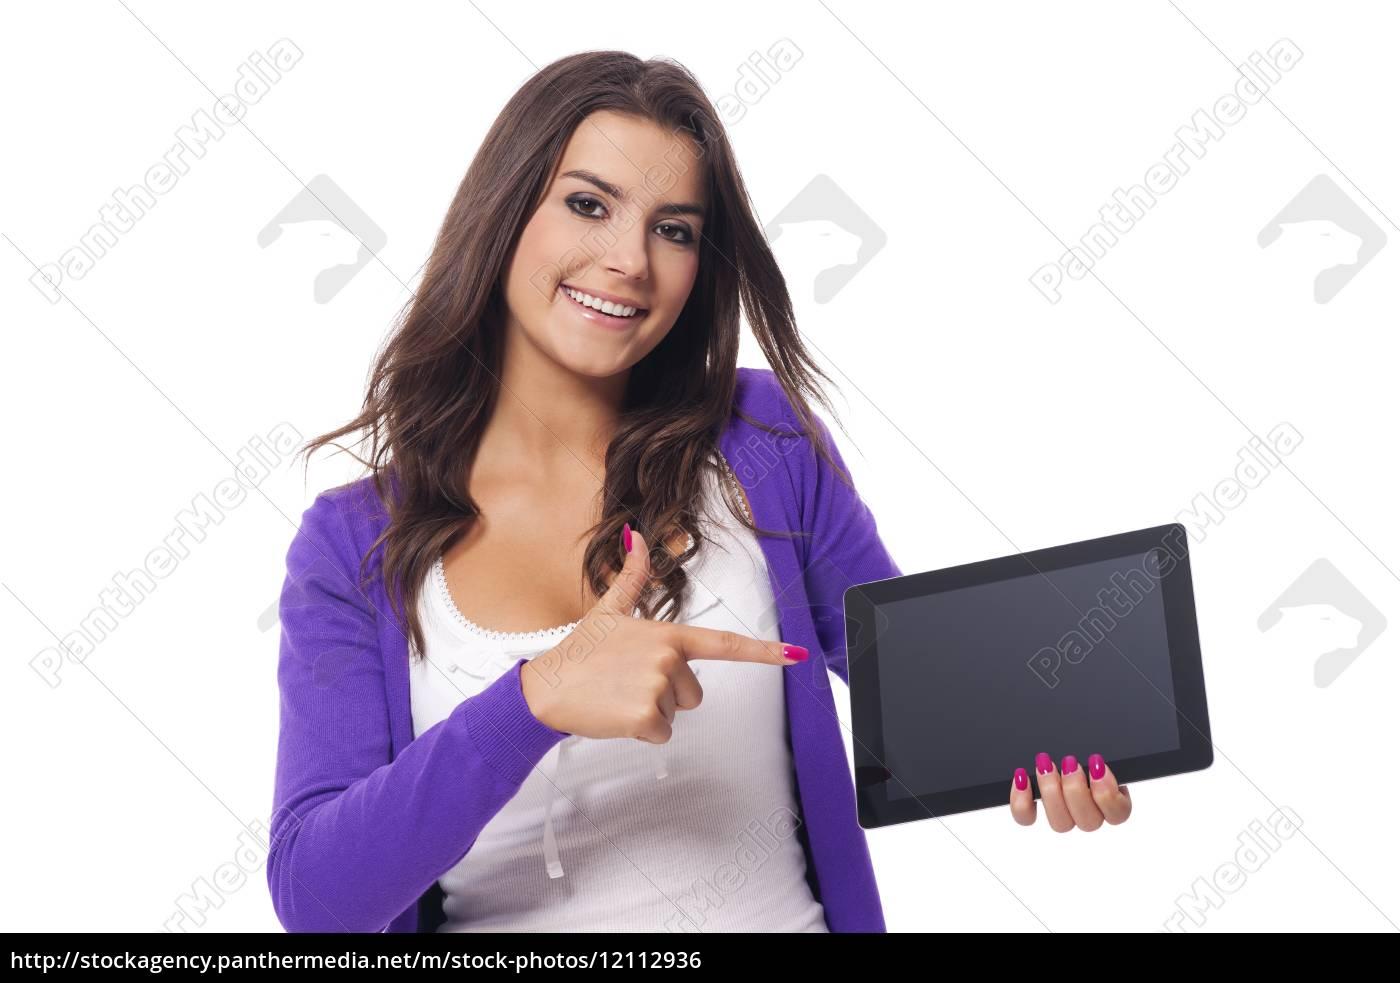 donna, sorridente, che, punta, sullo, schermo - 12112936